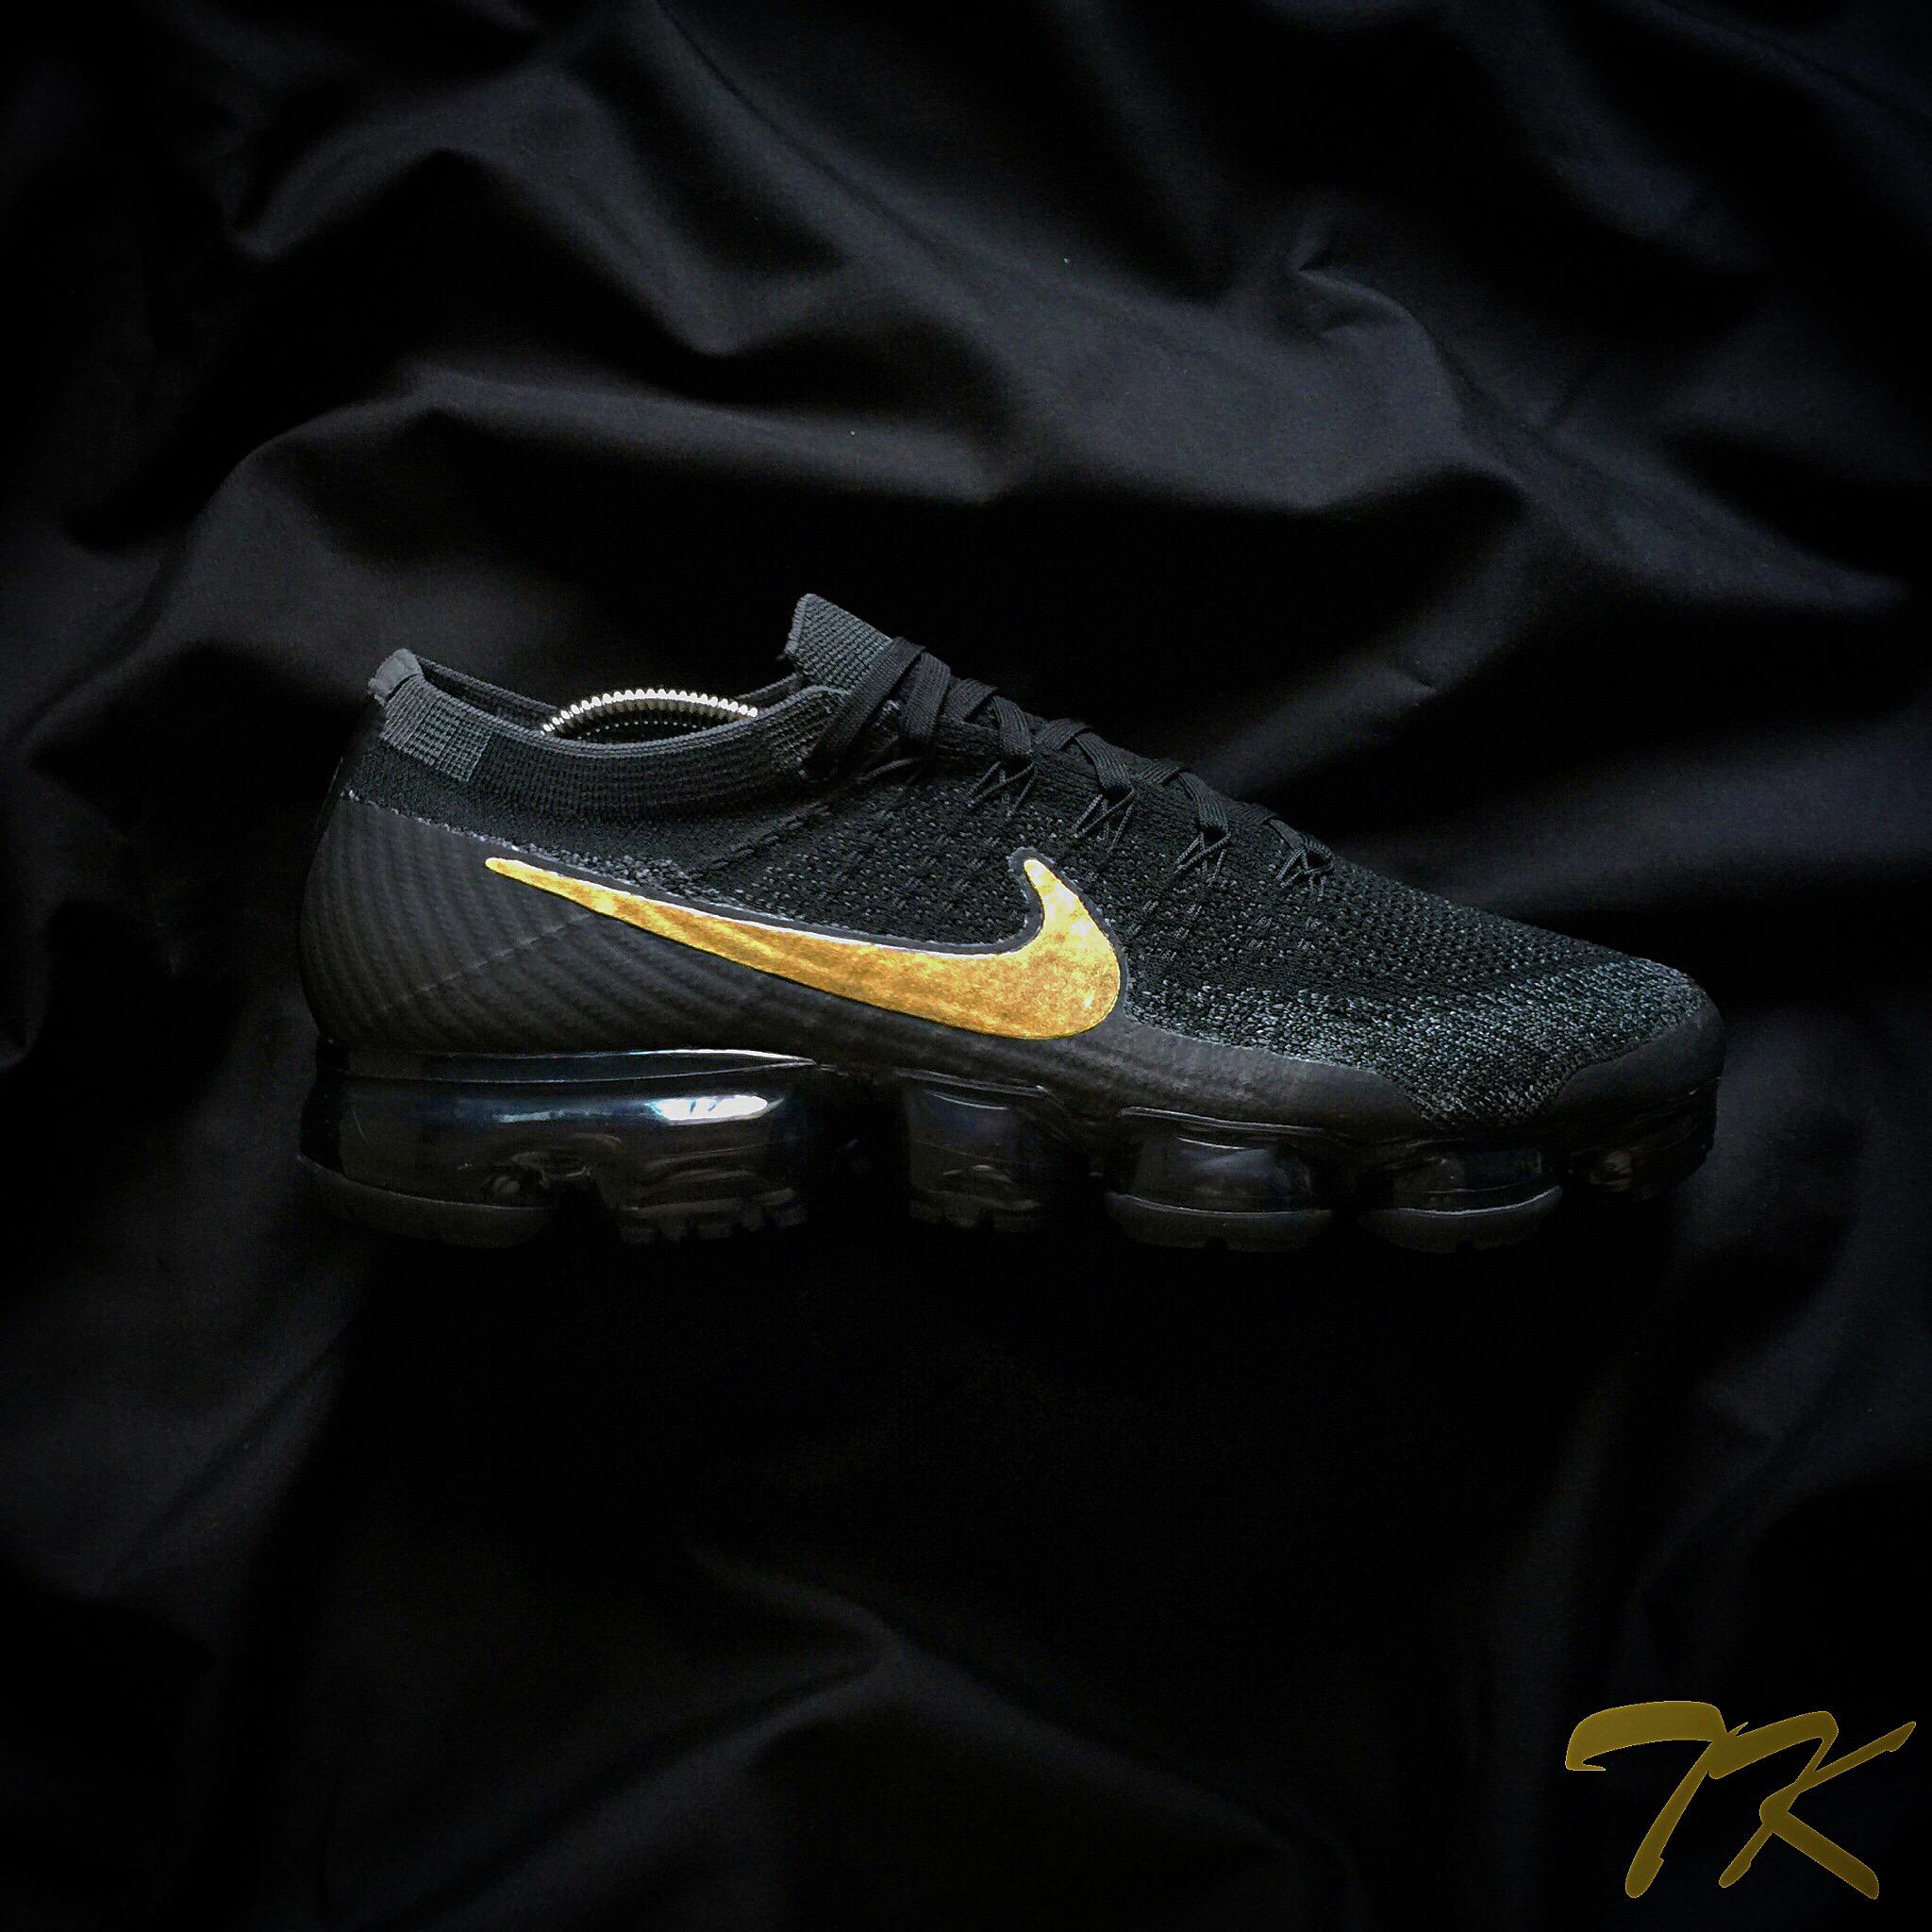 Nike Vapormax Tripleblack GOLD